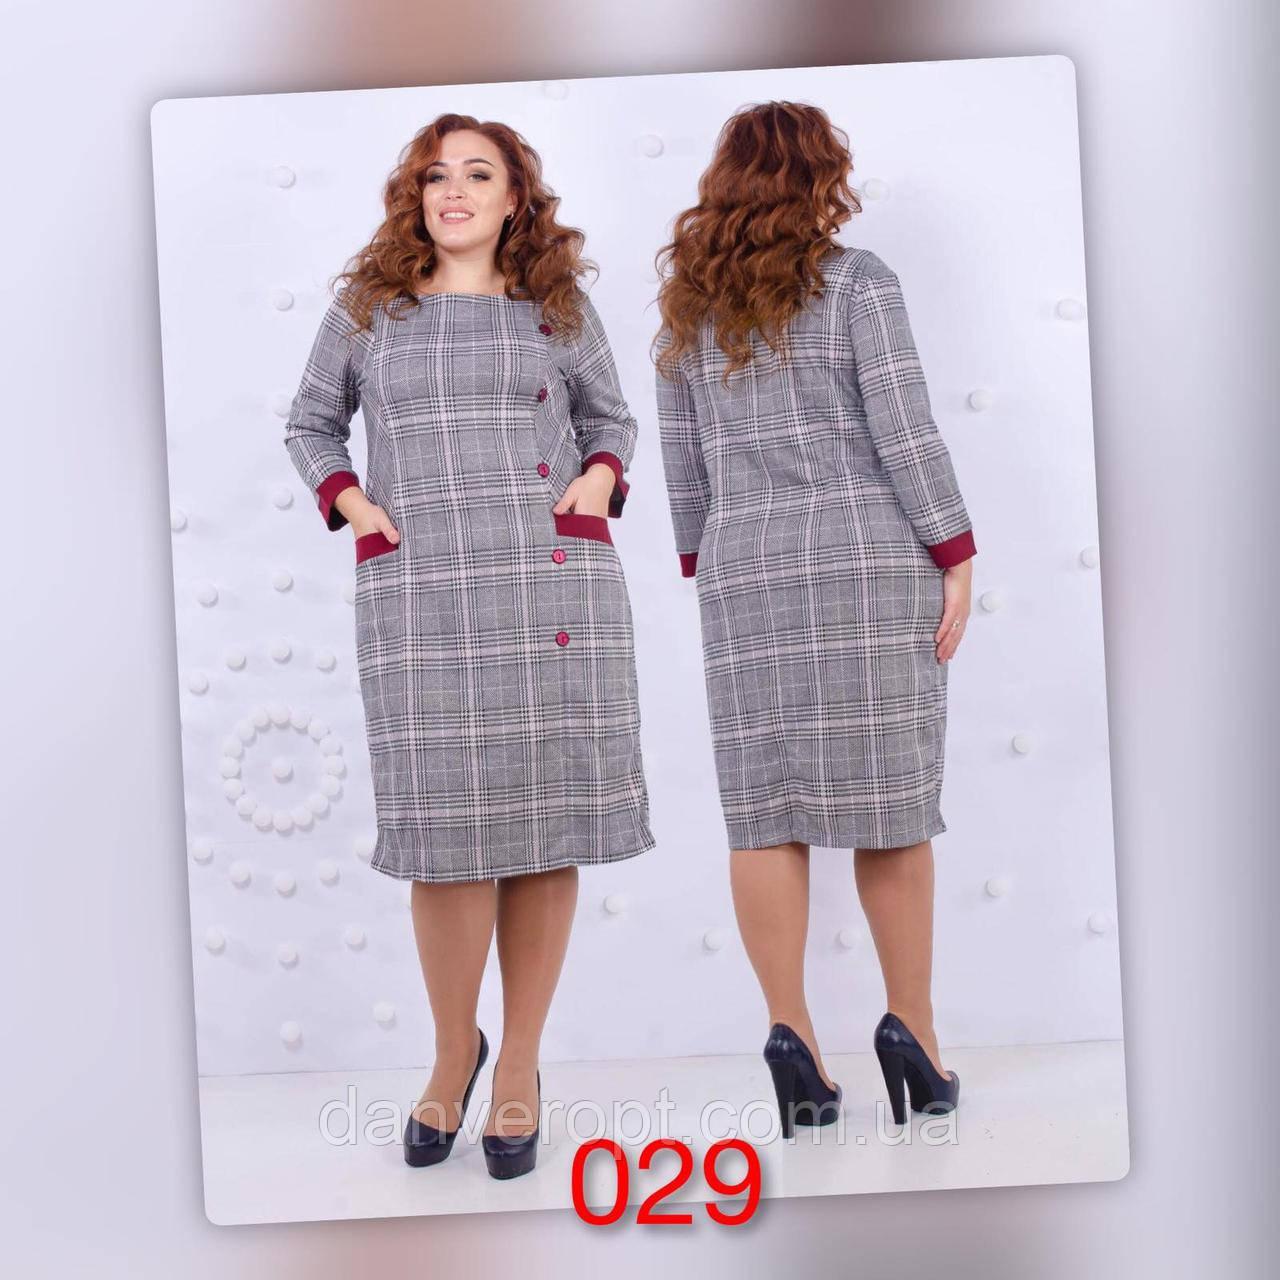 Платье женское модное стильная клетка размер 50-56 батал купить оптом со склада 7км Одесса